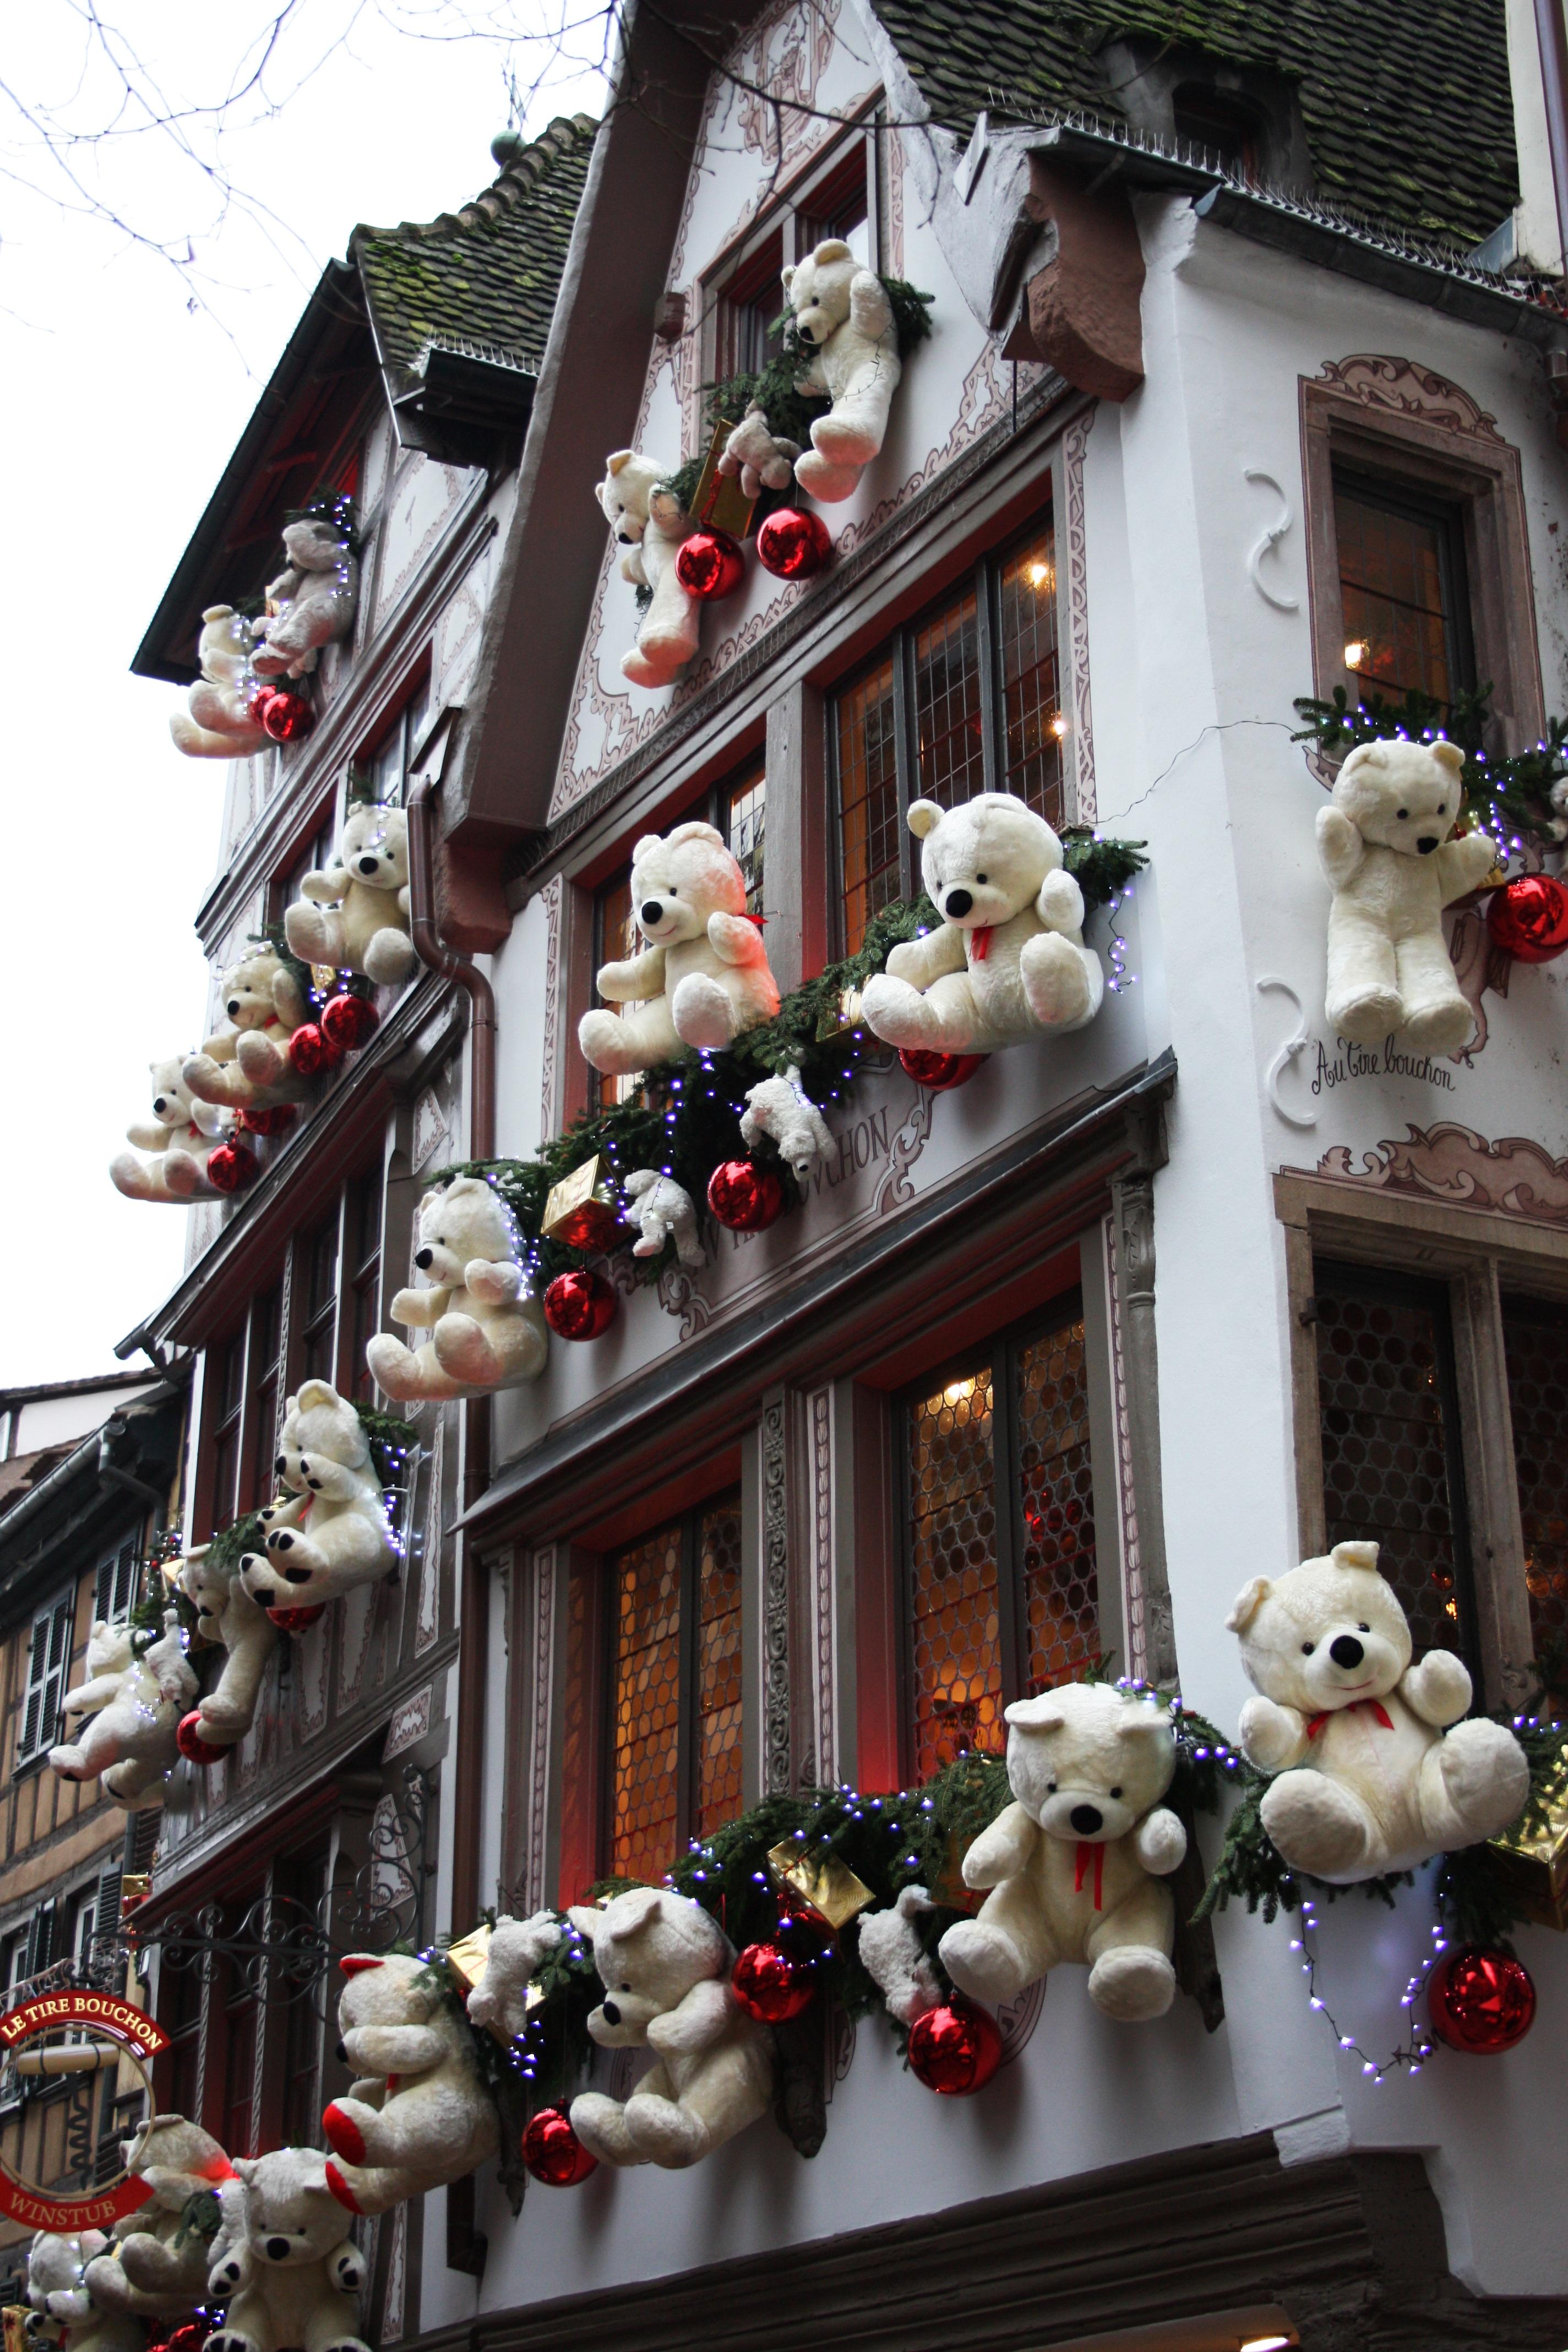 Images Gratuites Fleur Decoration De Noel Tombeau Strasbourg